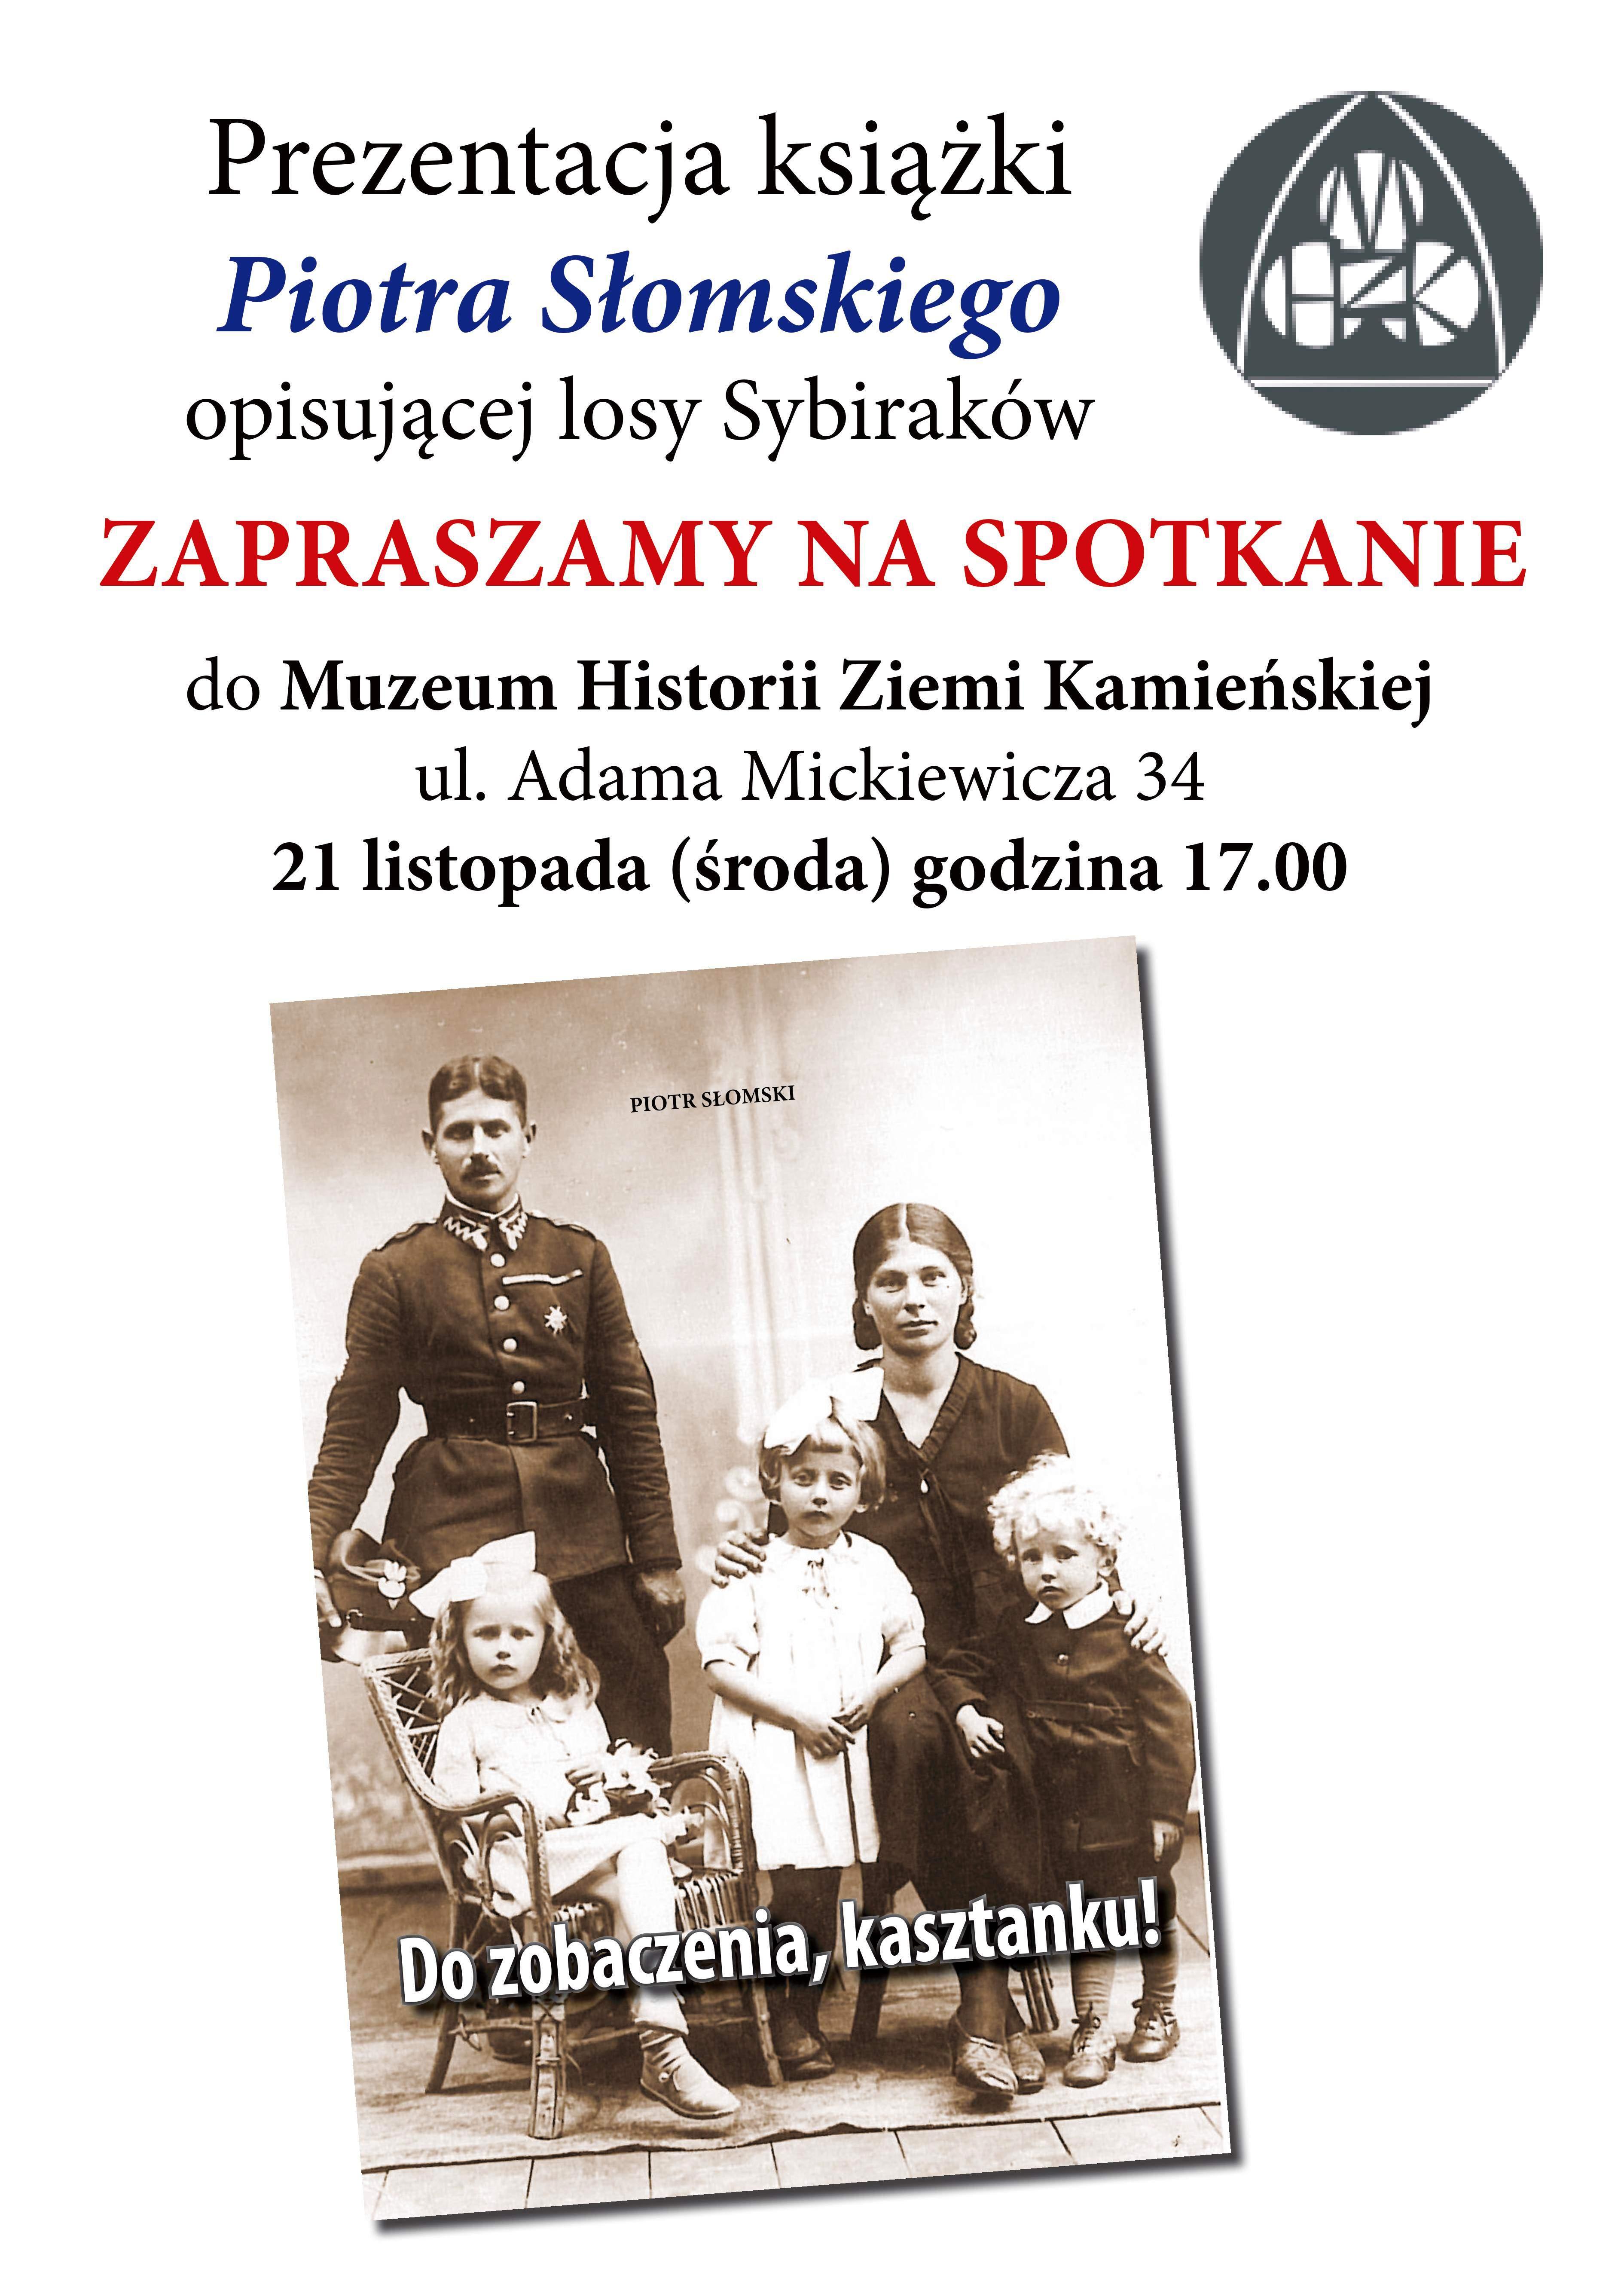 O Sybirakach w MHZK. Spotkanie autorskie z Piotrem Słomskim